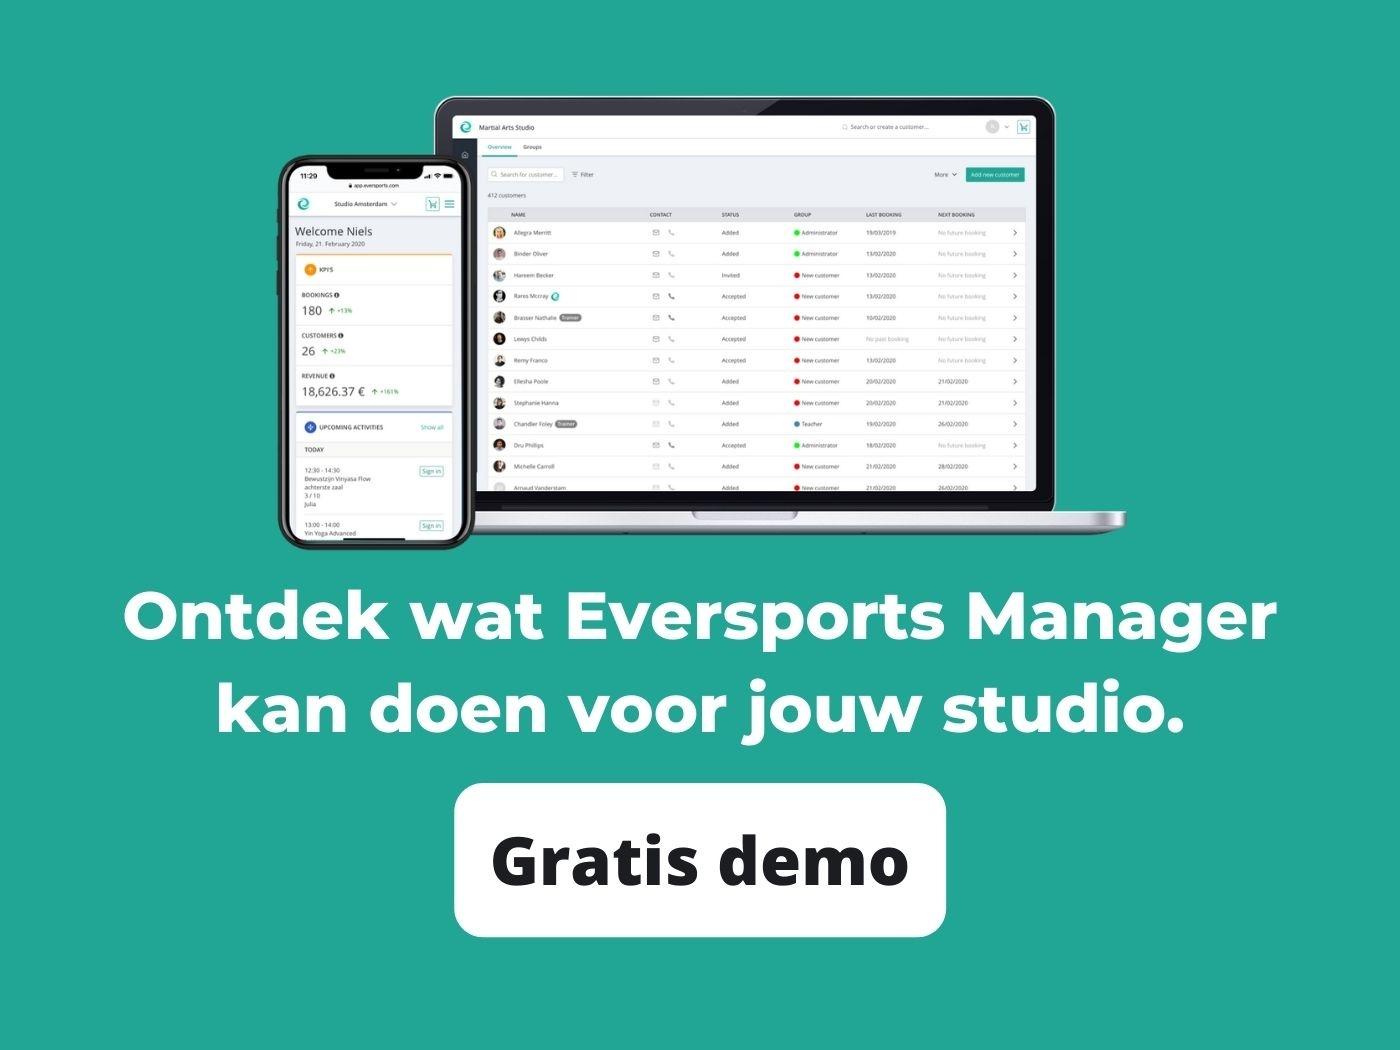 Ontdek wat Eversports Manager kan doen voor jouw studio tijdens een gratis online demo